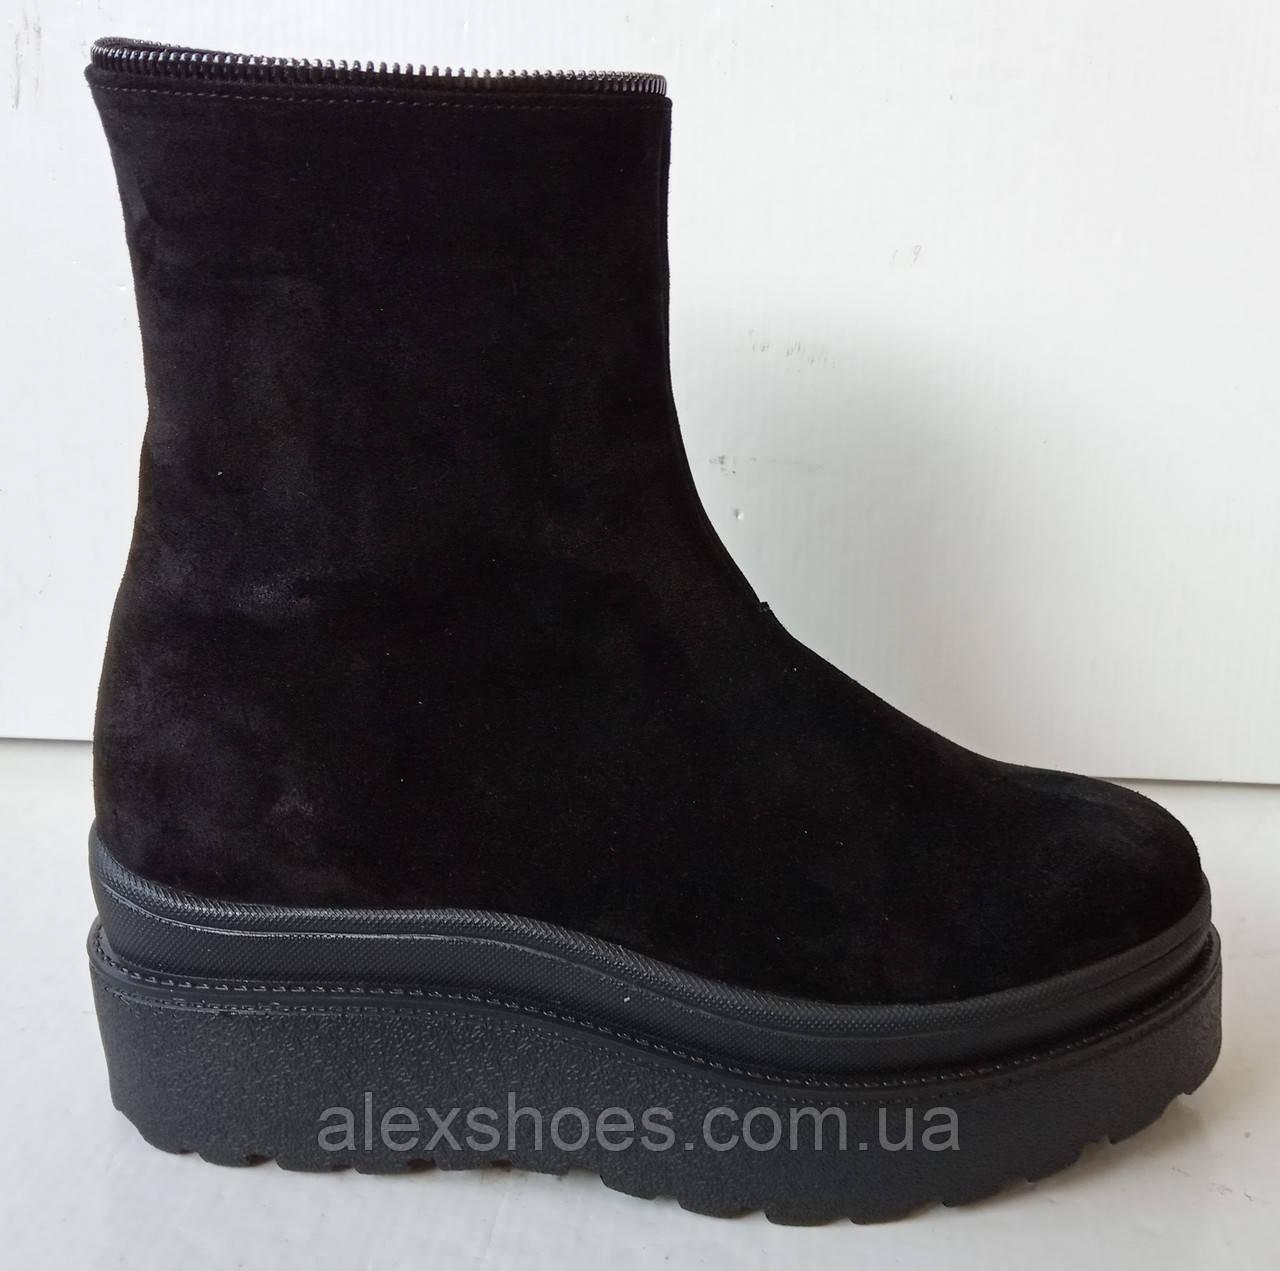 Ботинки молодежные зимние на толстой подошве из натуральной замши от производителя модель ДИС756-2